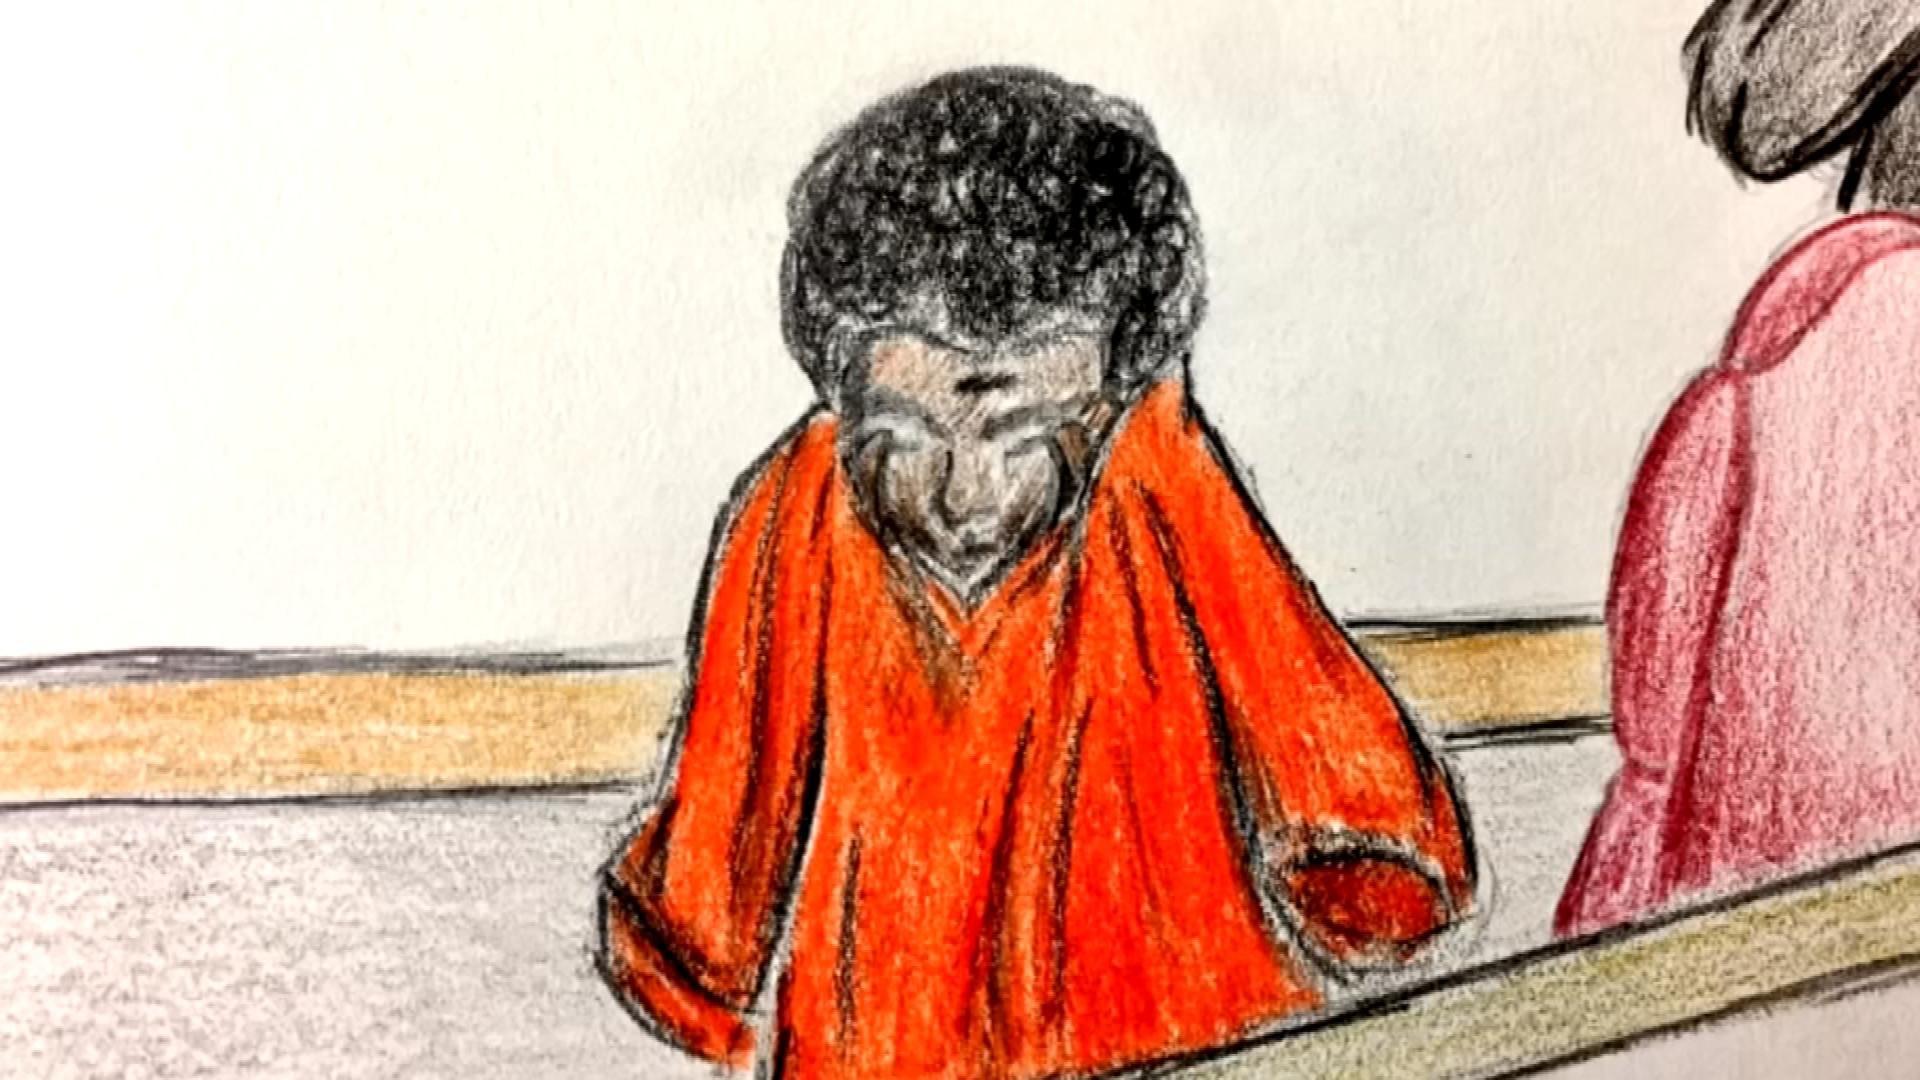 Jury To Deliberate Friday In Alton Nolen Trial